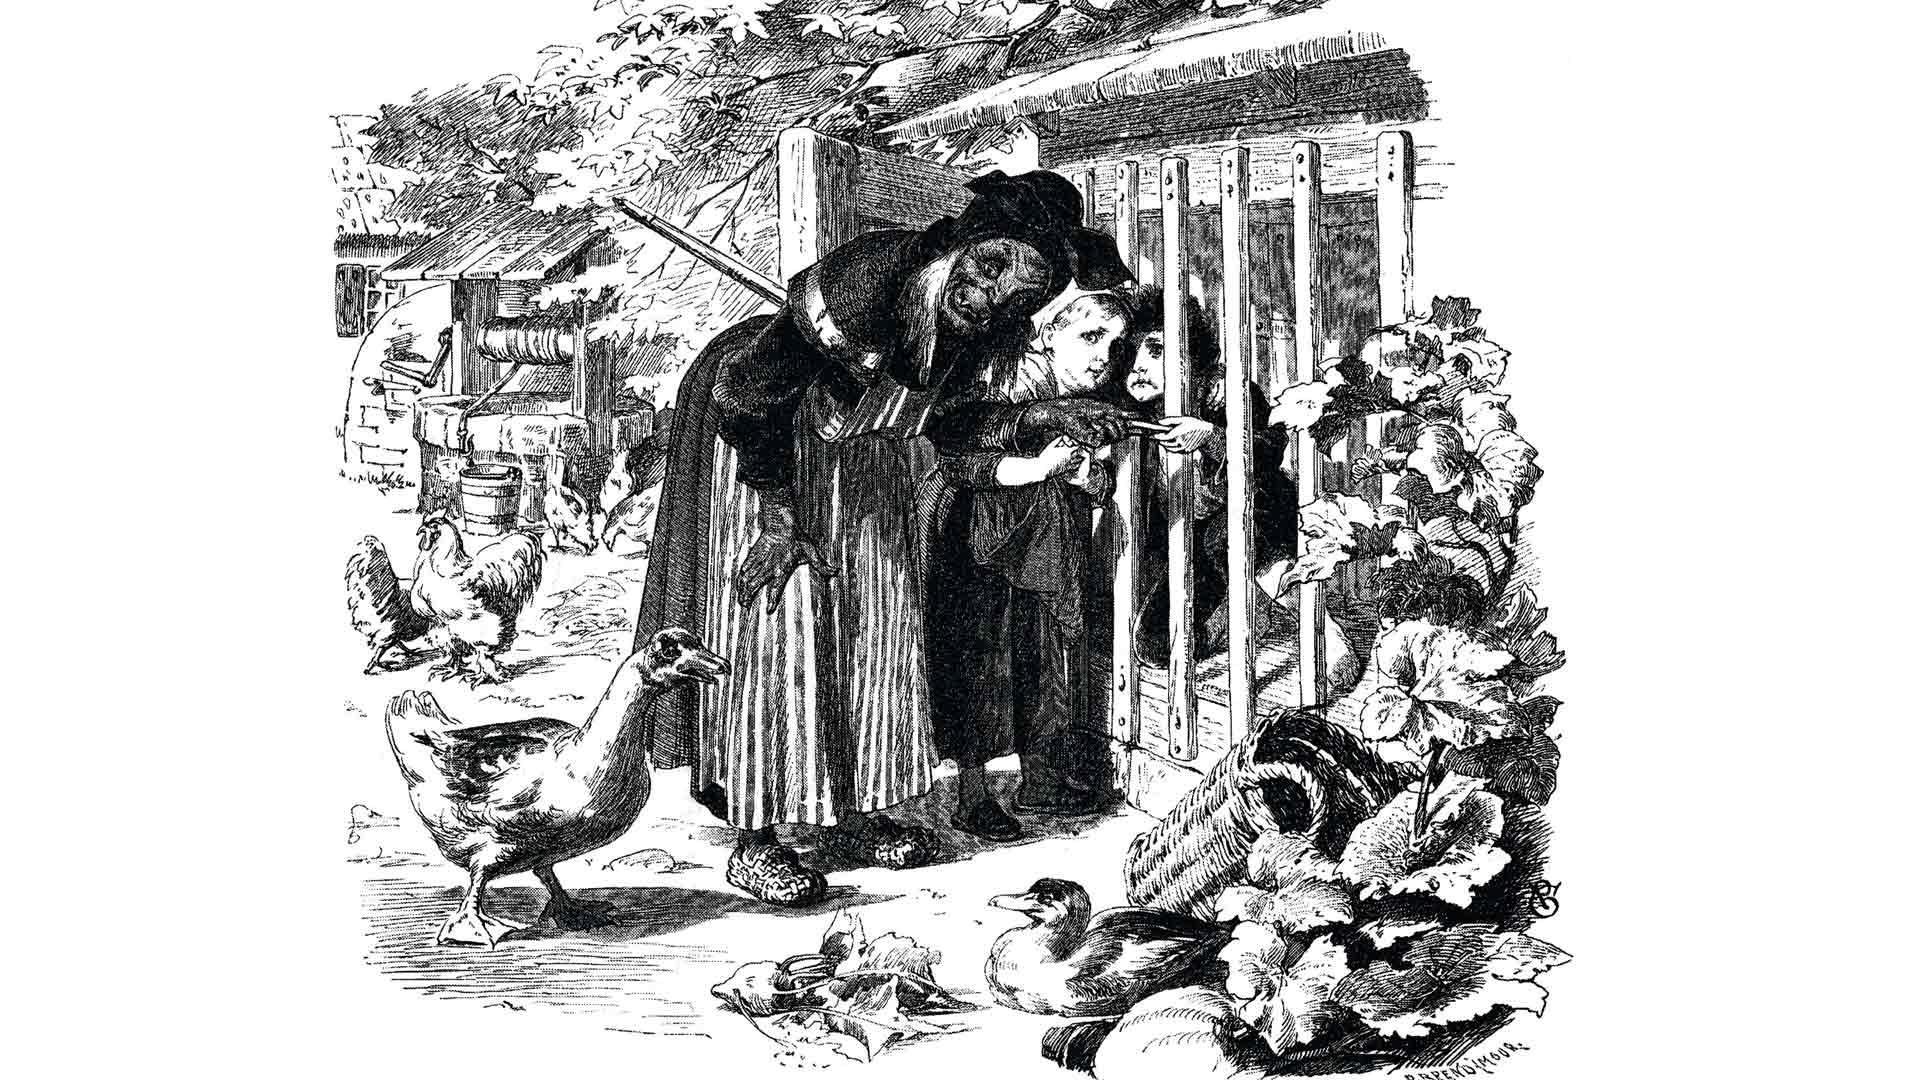 Noita pani Hannun häkkiin, minne Kertun piti kantaa ruokaa lihottaakseen veljeään noidan ateriaksi. Neuvokas tyttö tyrkkäsi noidan uuniin ja tappoi tämän paistamalla.